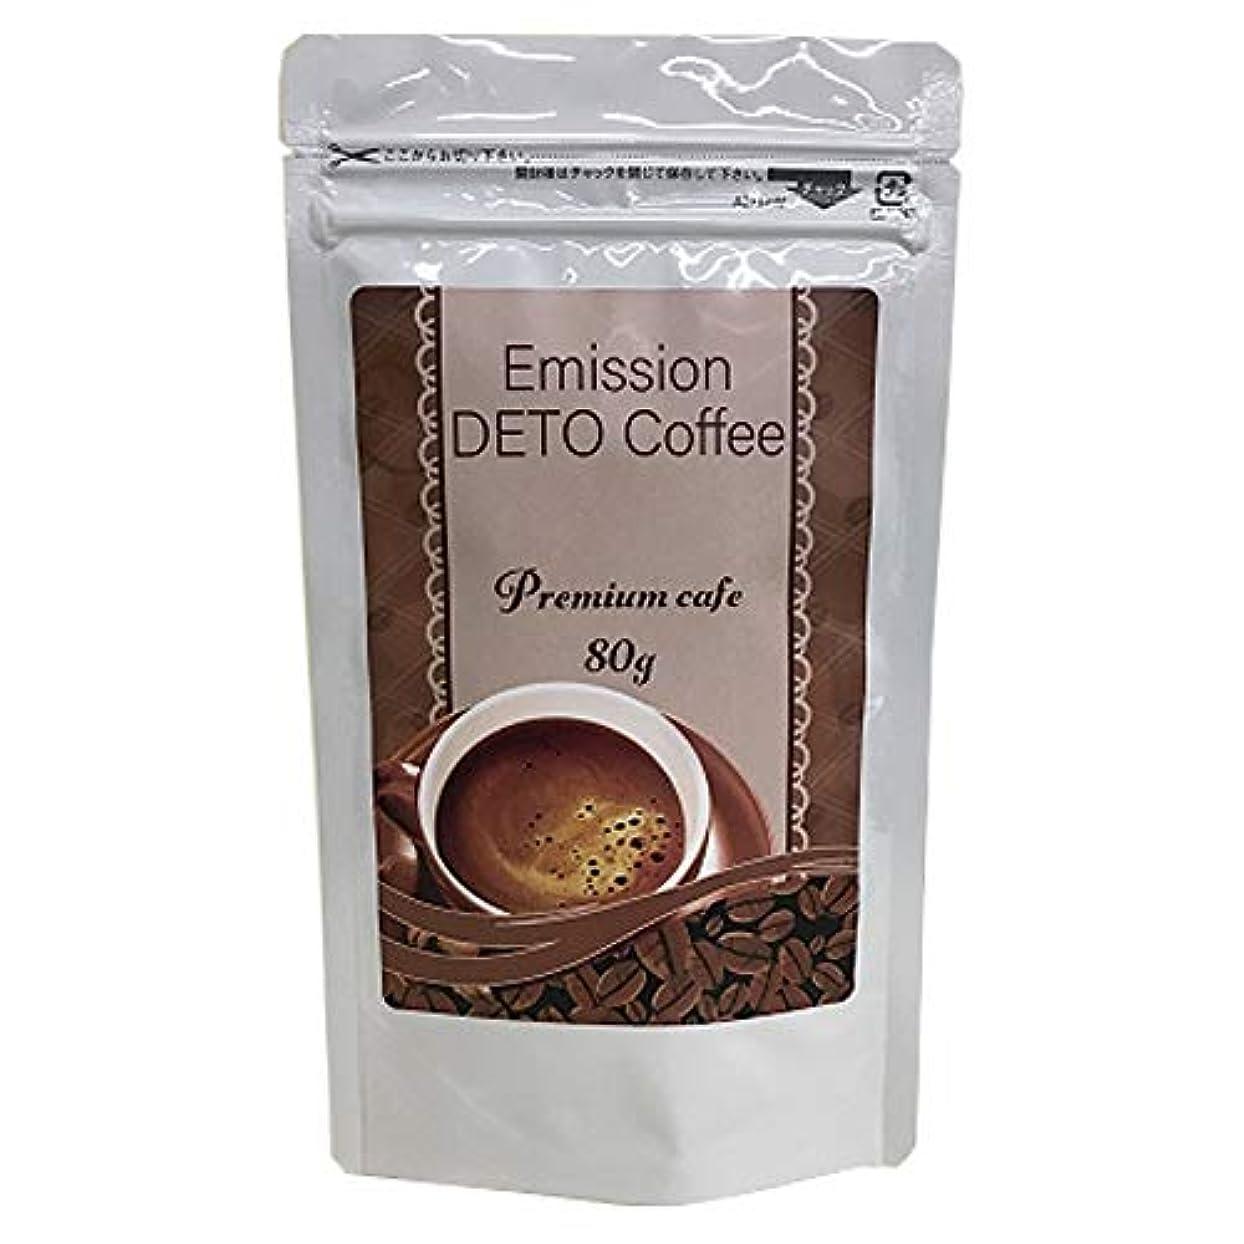 本能上向きペインエミッションデトコーヒー ダイエットコーヒー